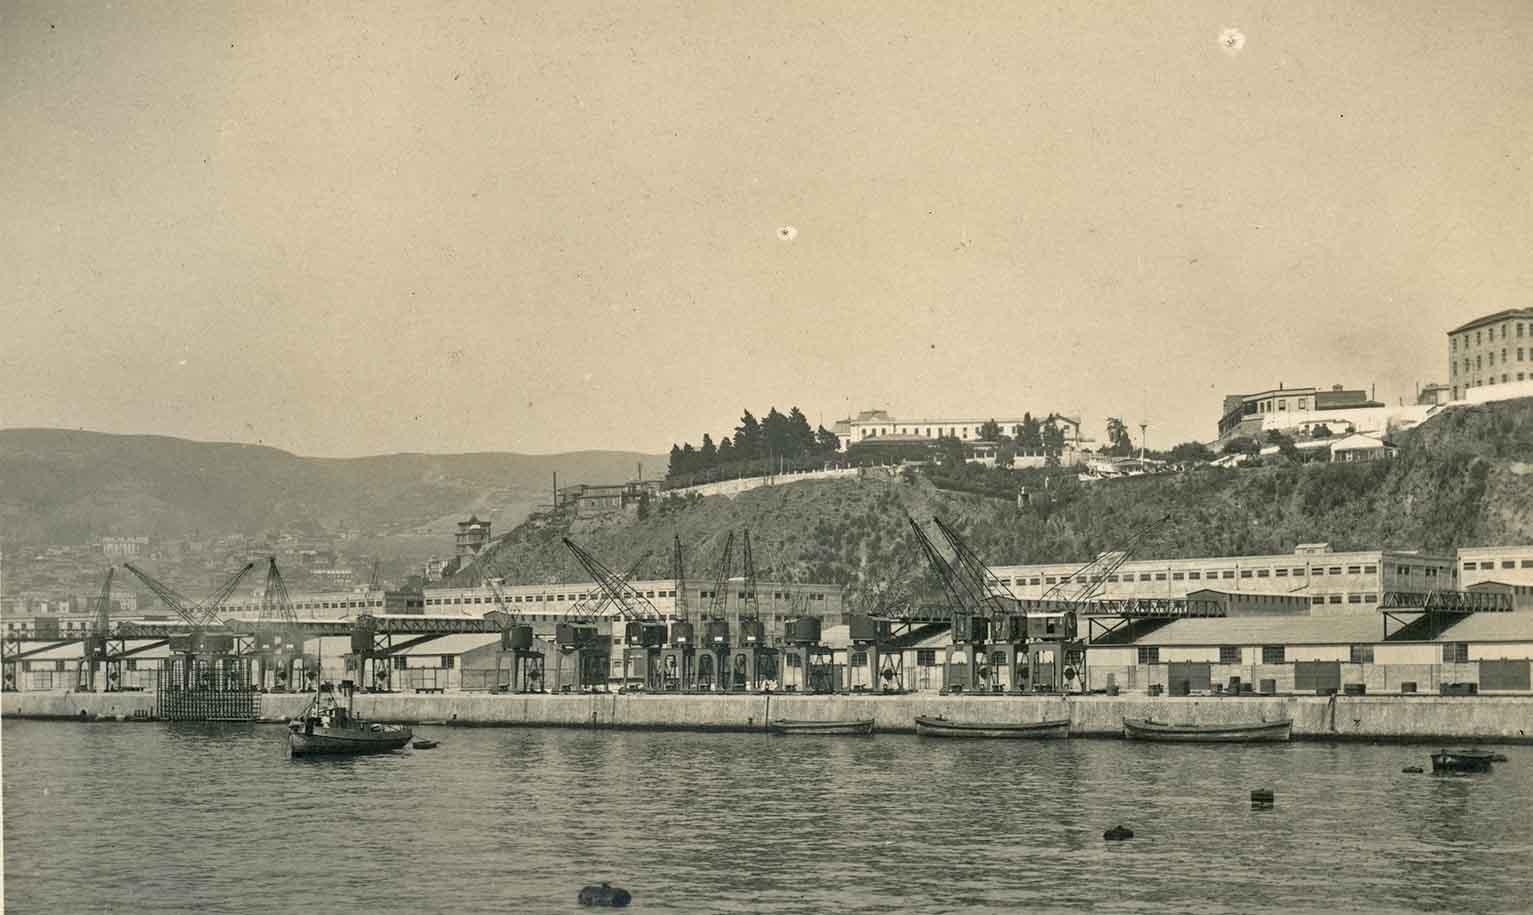 Enterreno - Fotos históricas de chile - fotos antiguas de Chile - Puerto de Valparaíso en 1924